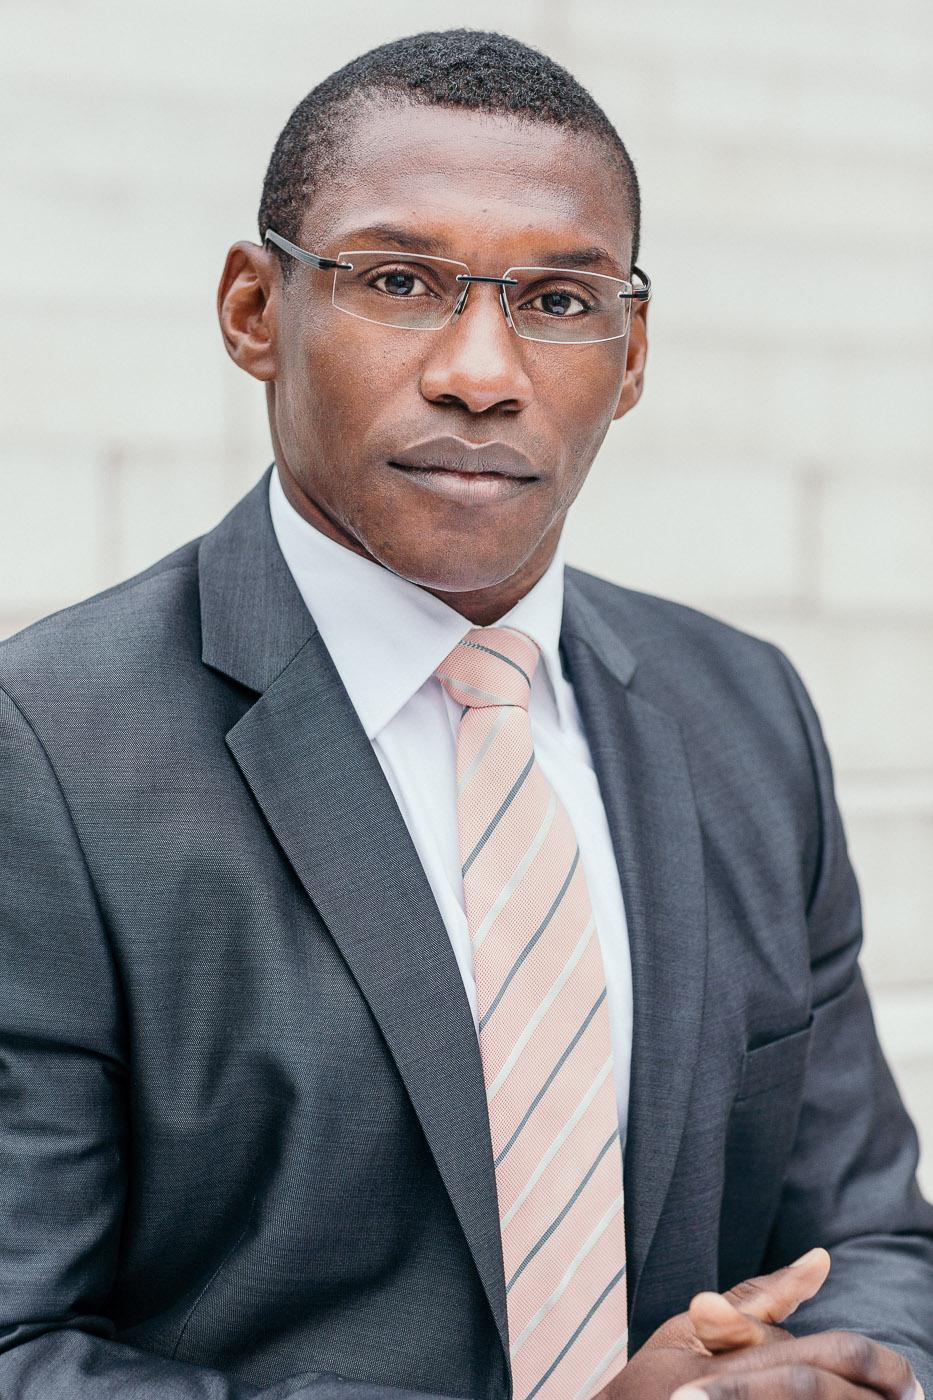 portrait business CEO